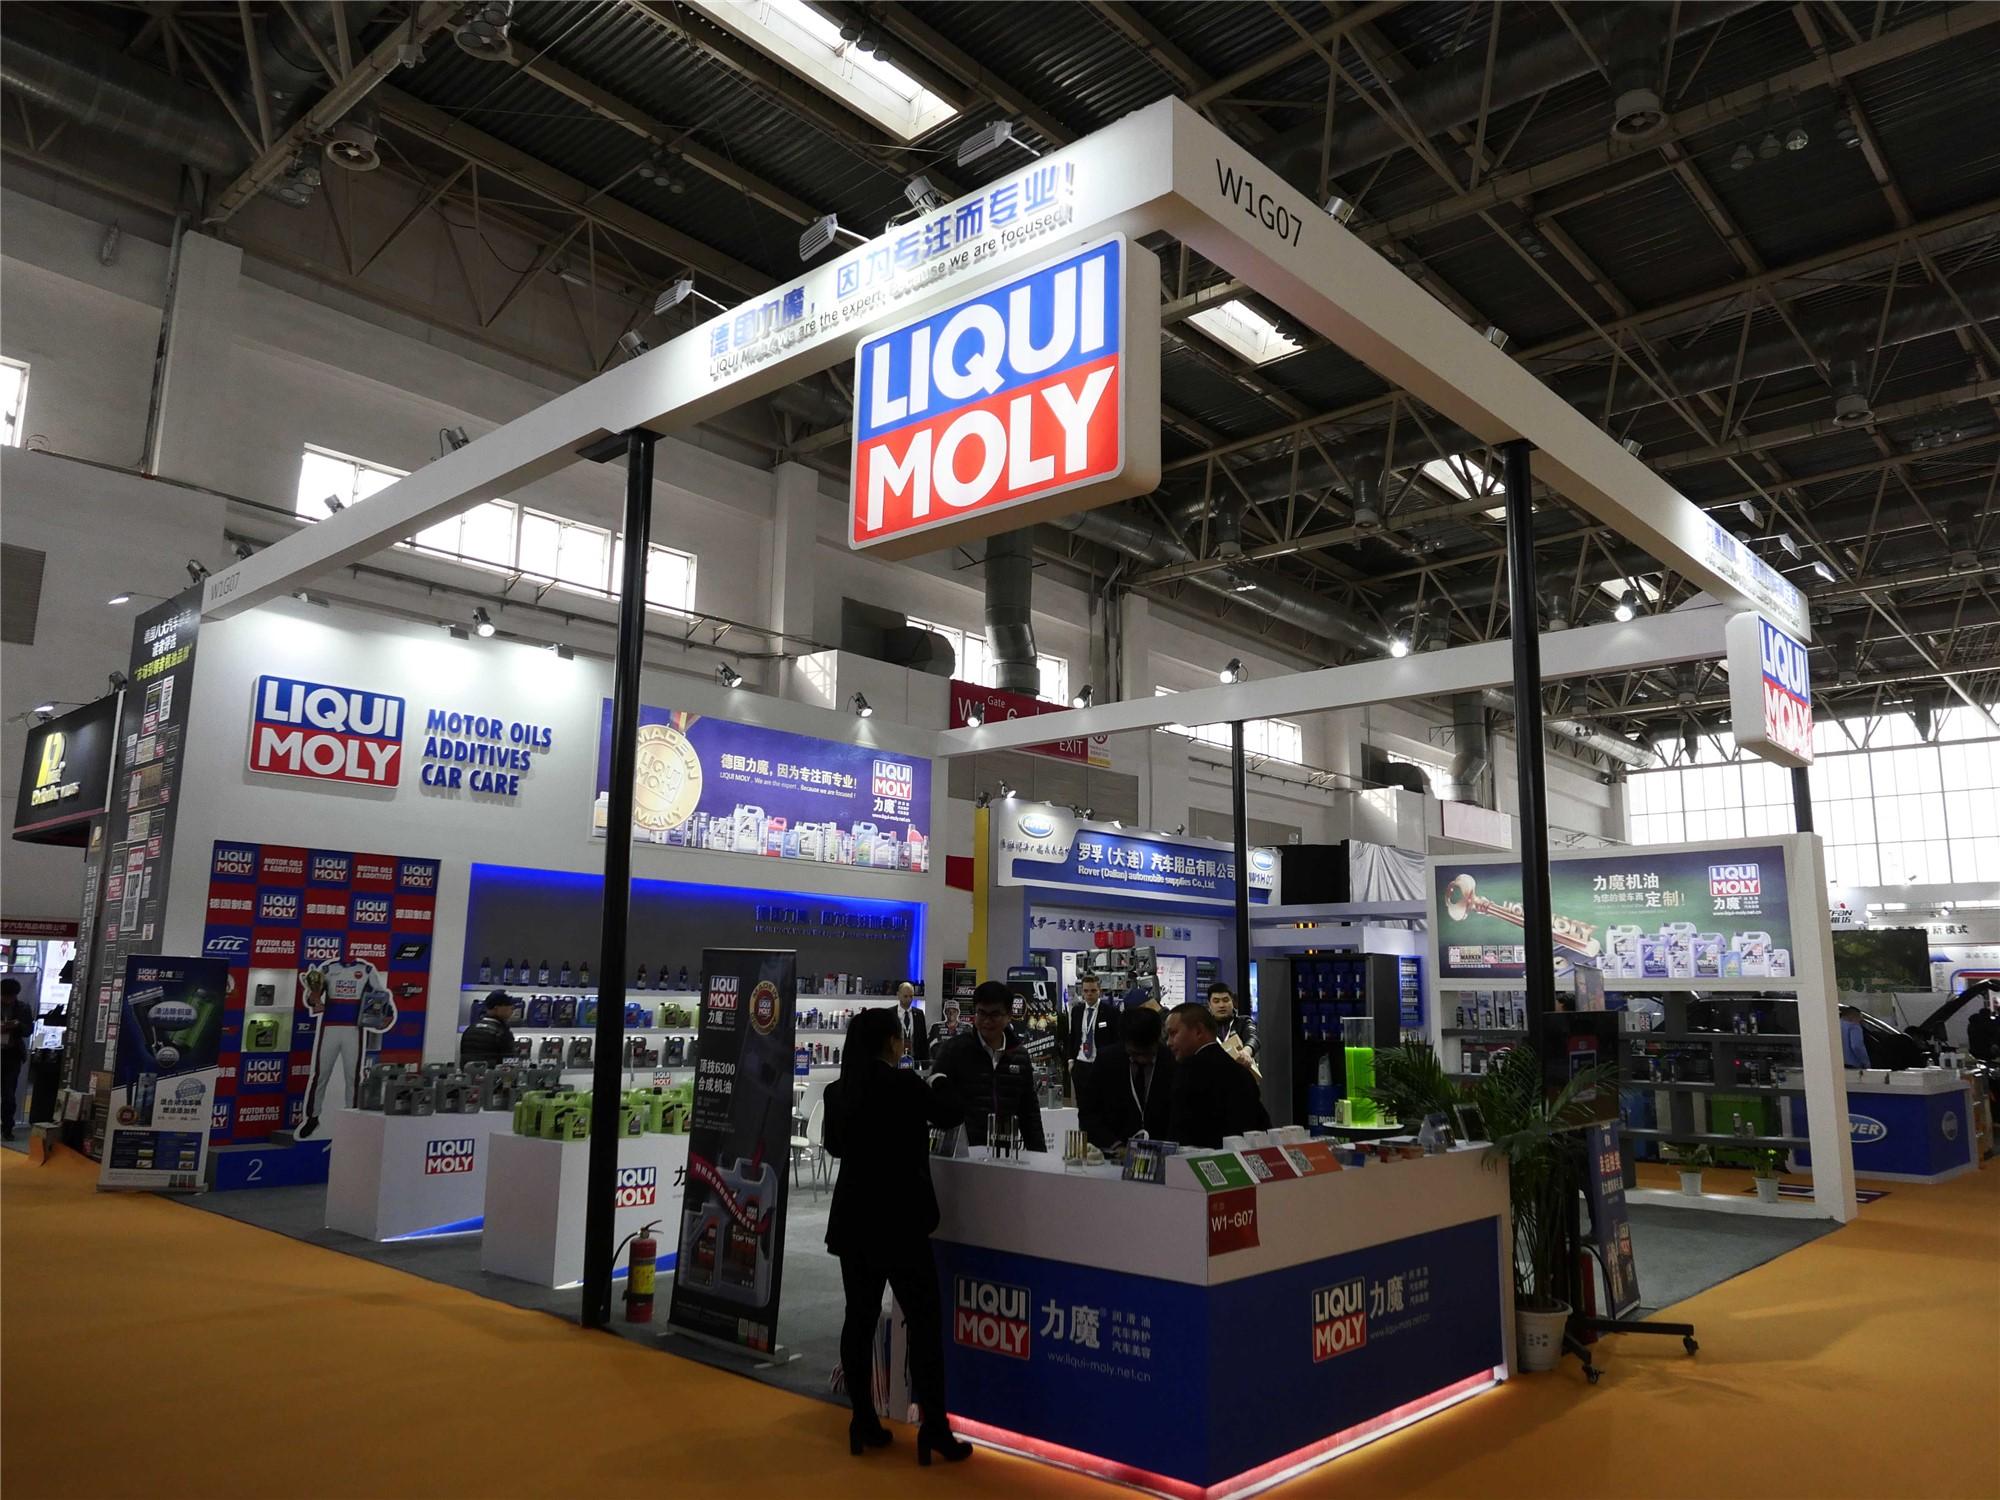 专注研发 不断创新 力魔于雅森北京展发布三款新产品